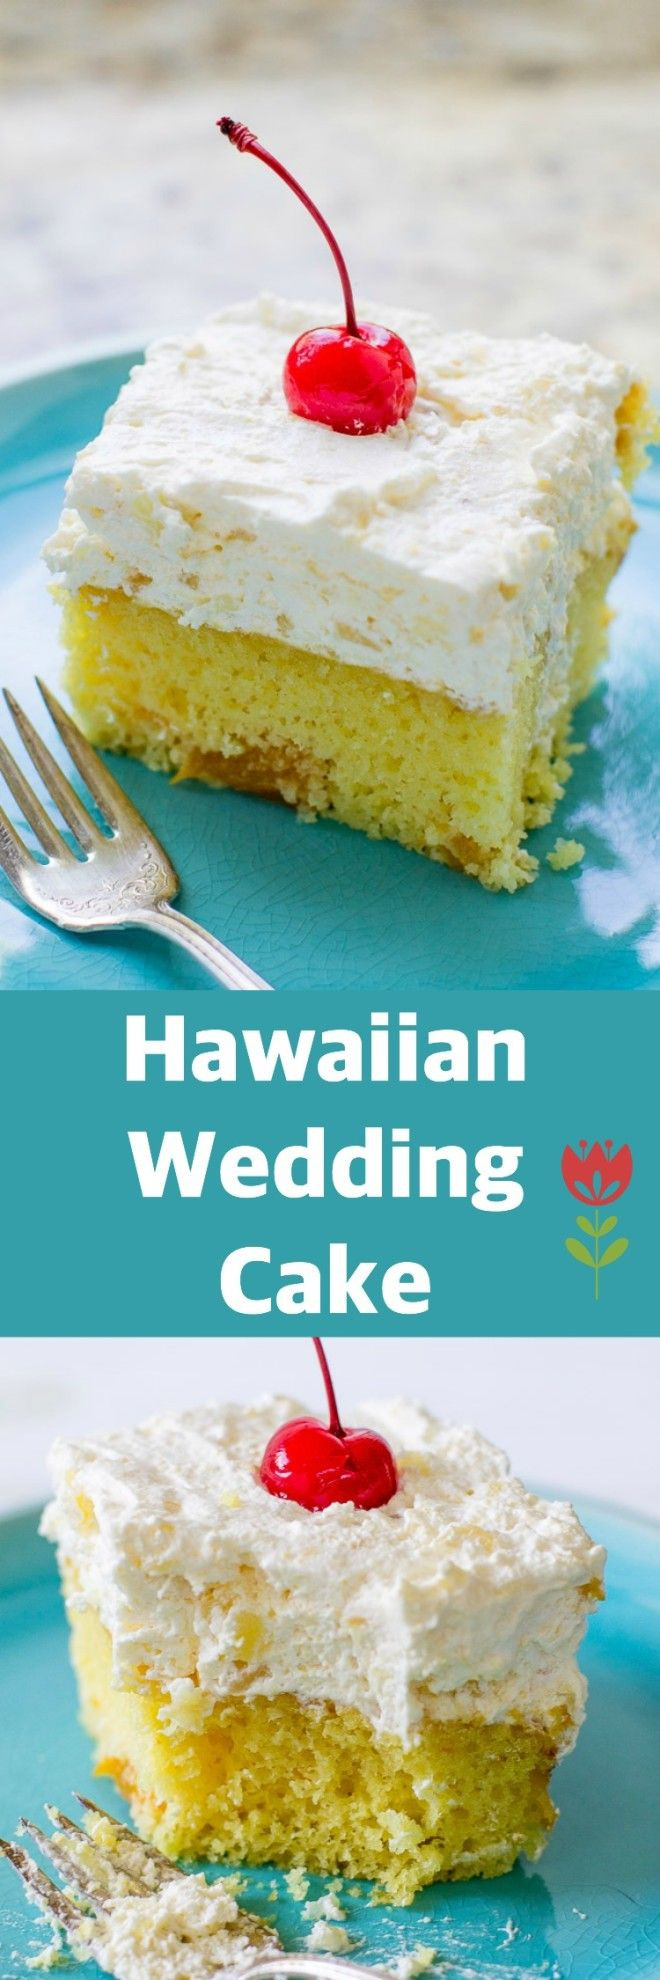 Hawaii Wedding Cake Recipe  royal hawaiian wedding cake recipe